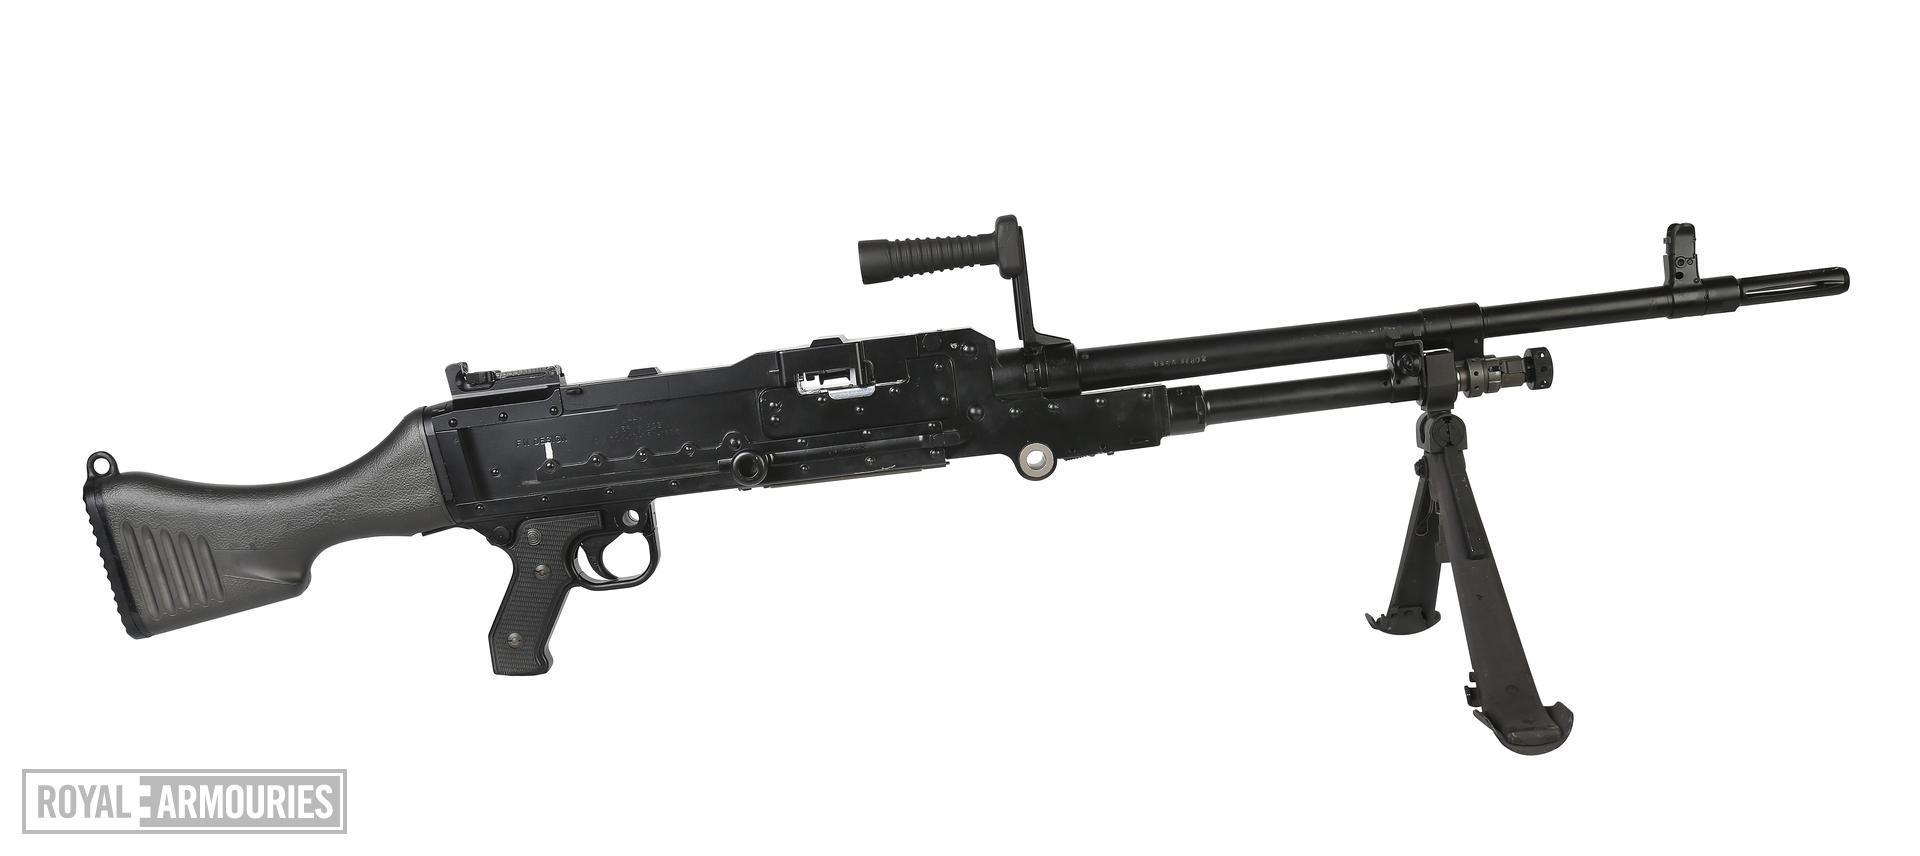 Centrefire automatic machine gun - GPMG FN L44A1